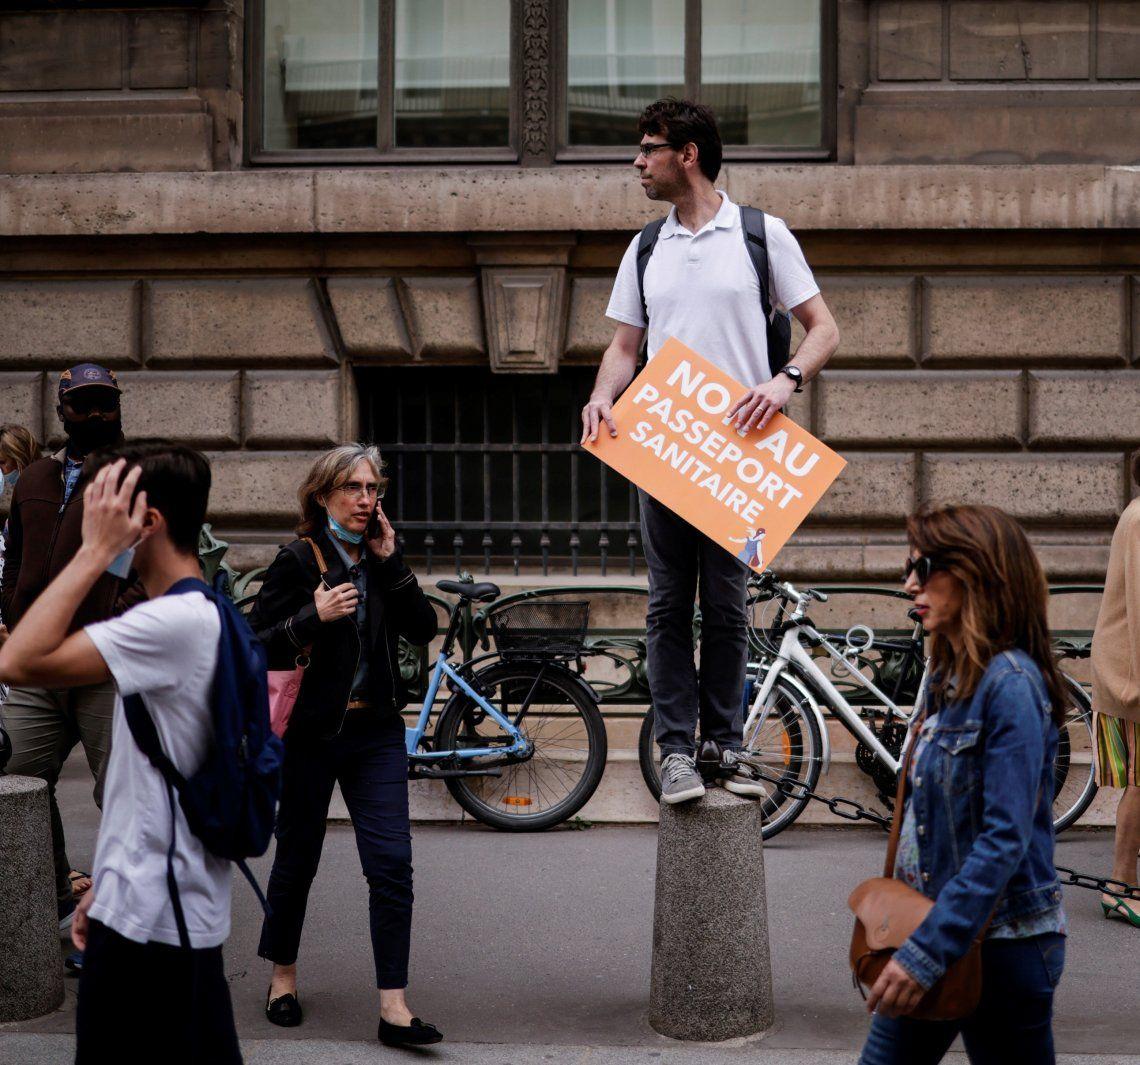 Un francés muestra una pancarta en rechazo al uso del pase sanitario.